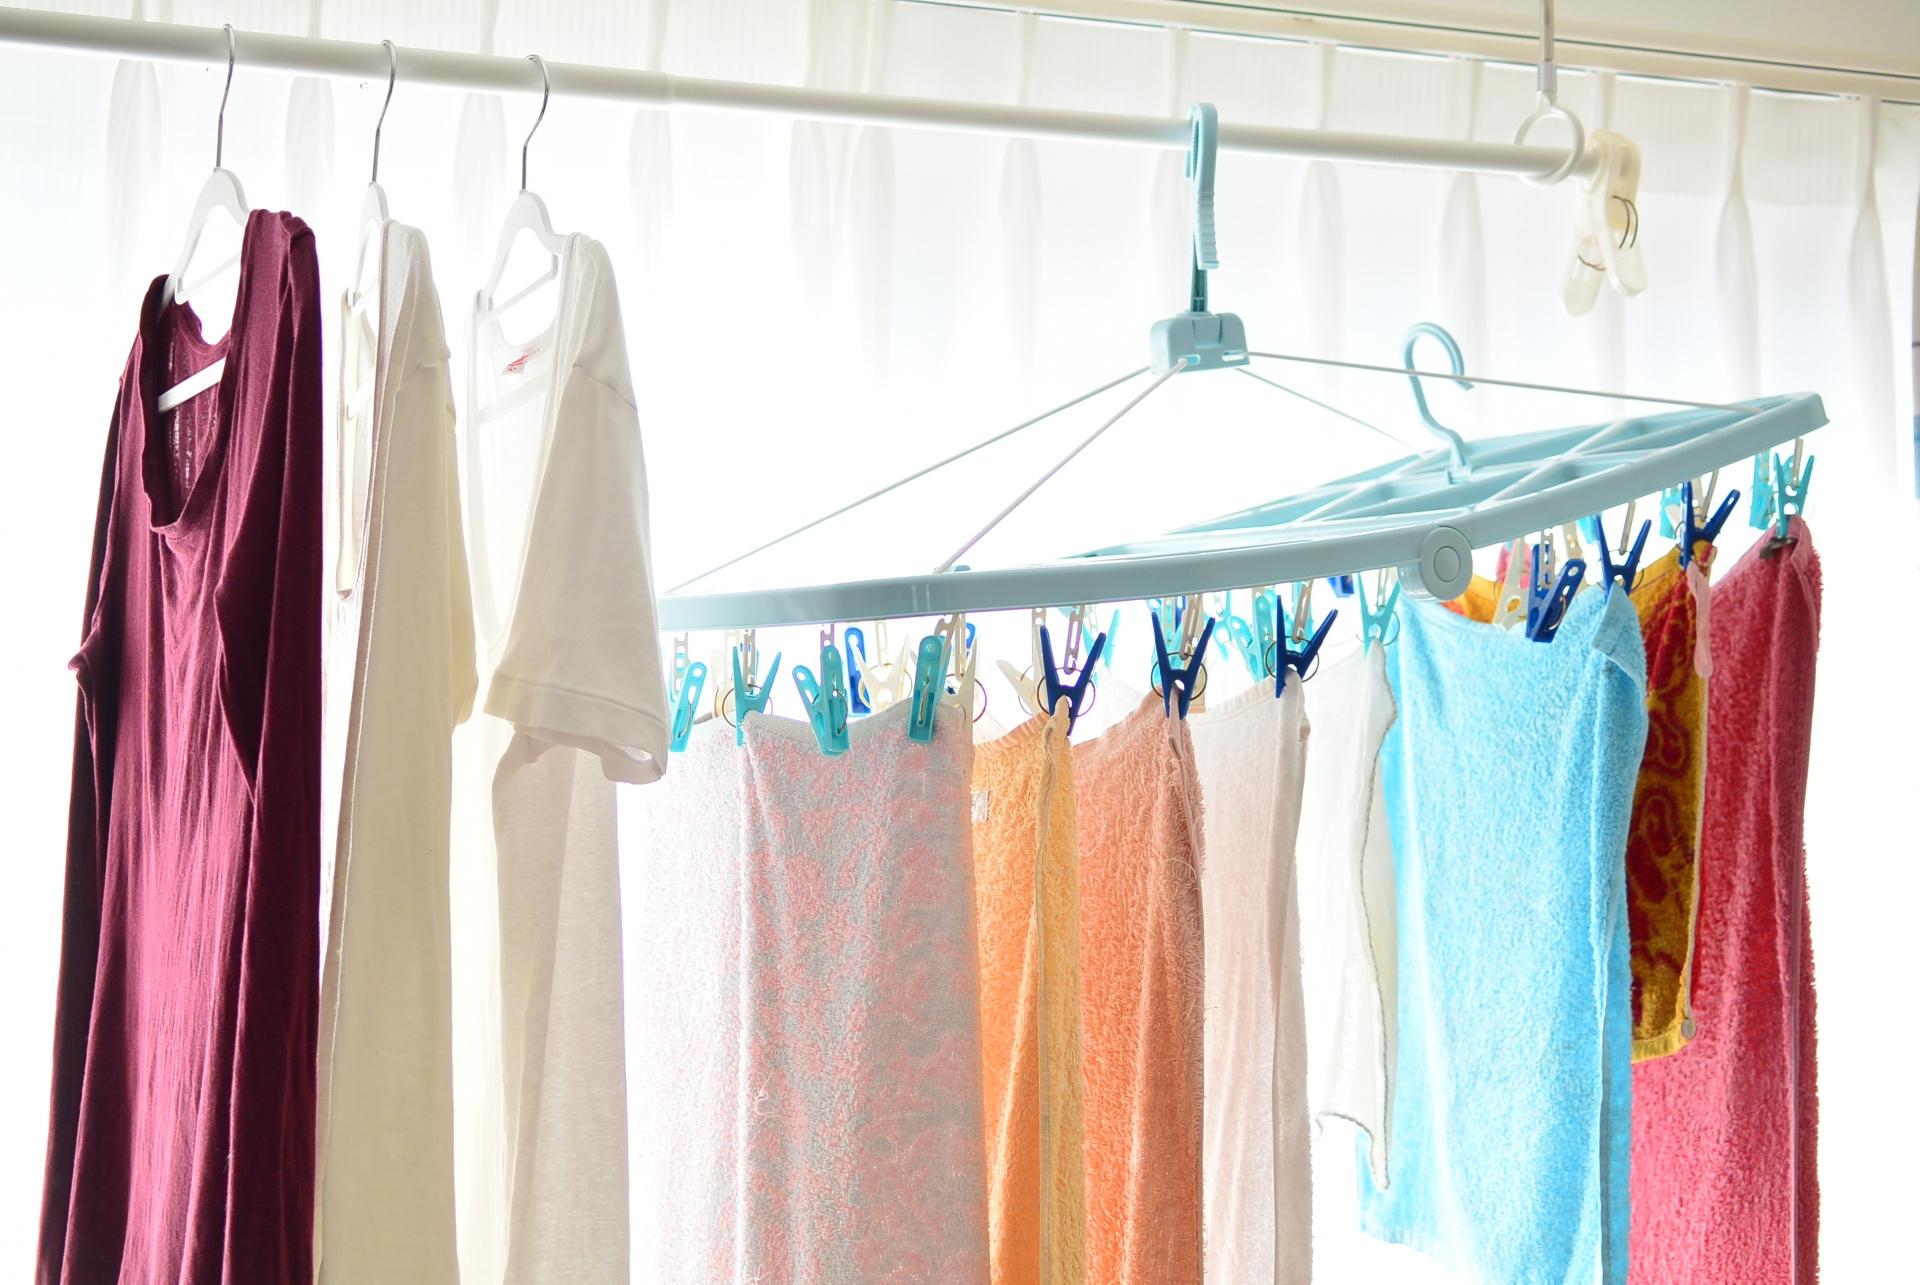 部屋干しは意外にもメリットが多い!部屋干しをマスターして、洗濯を楽にすませよう